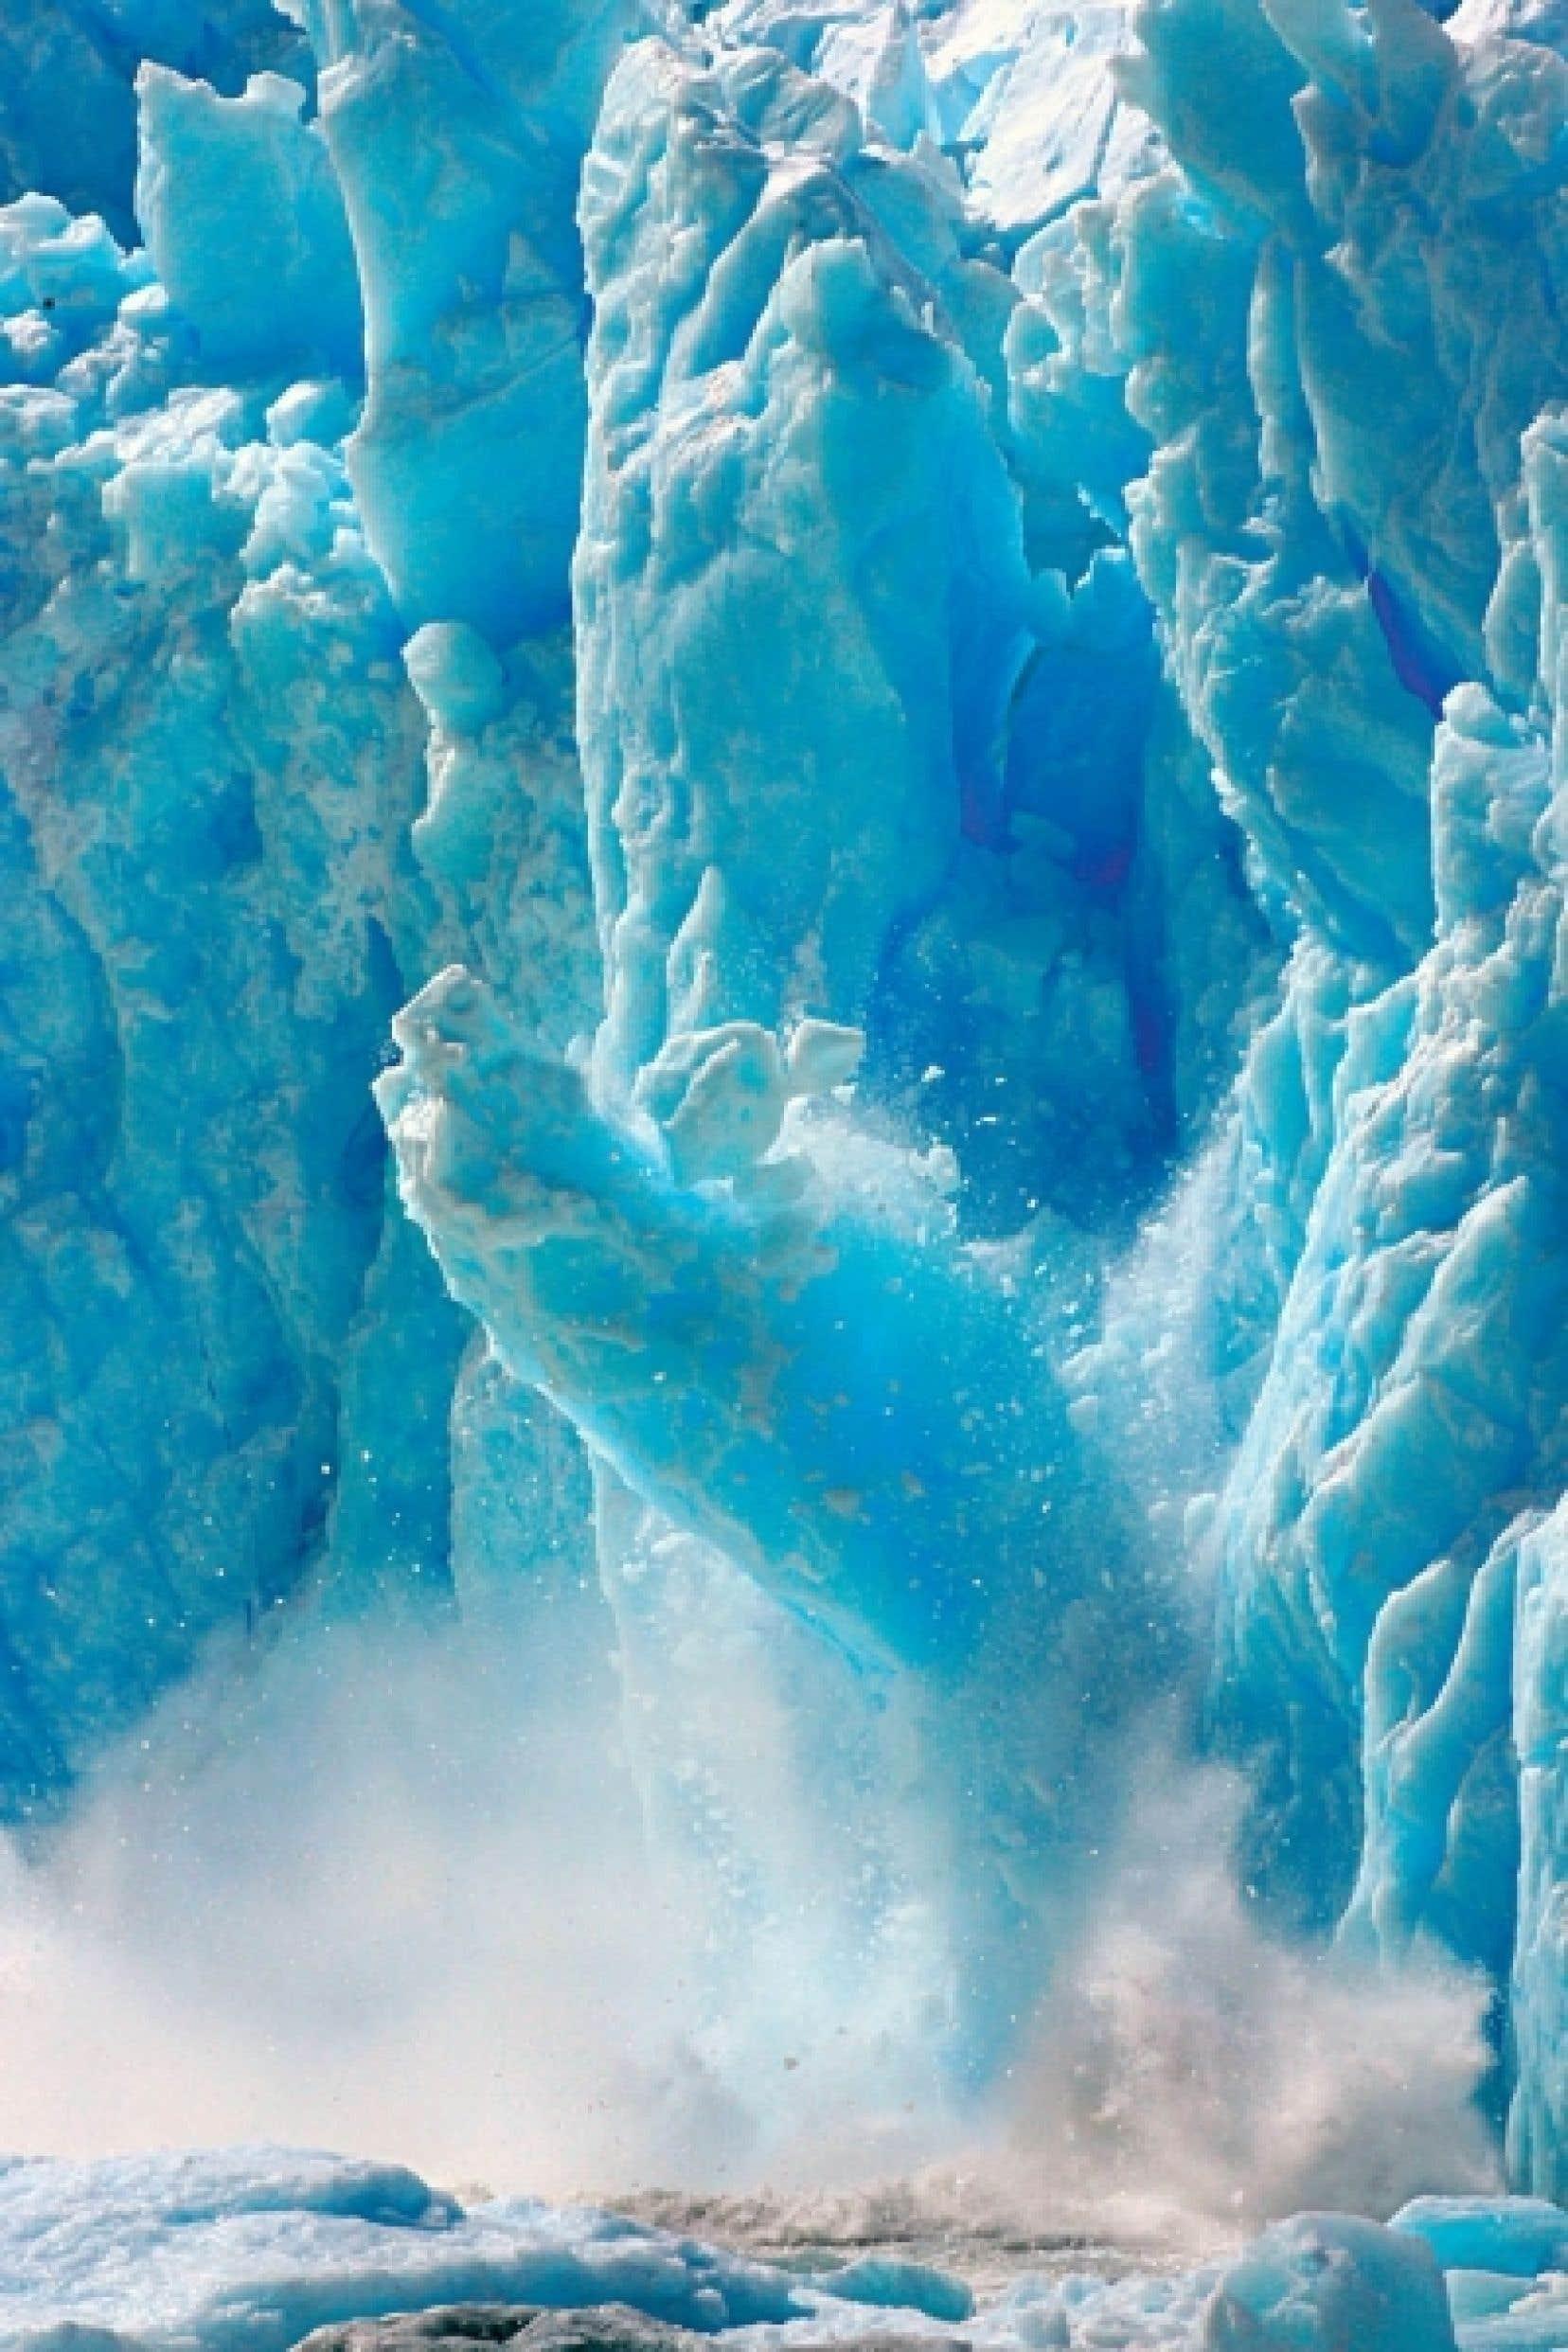 La fonte accélérée des grands glaciers menace les réserves d'eau douce du globe. Ci-dessus: le glacier San Rafael, en Patagonie.